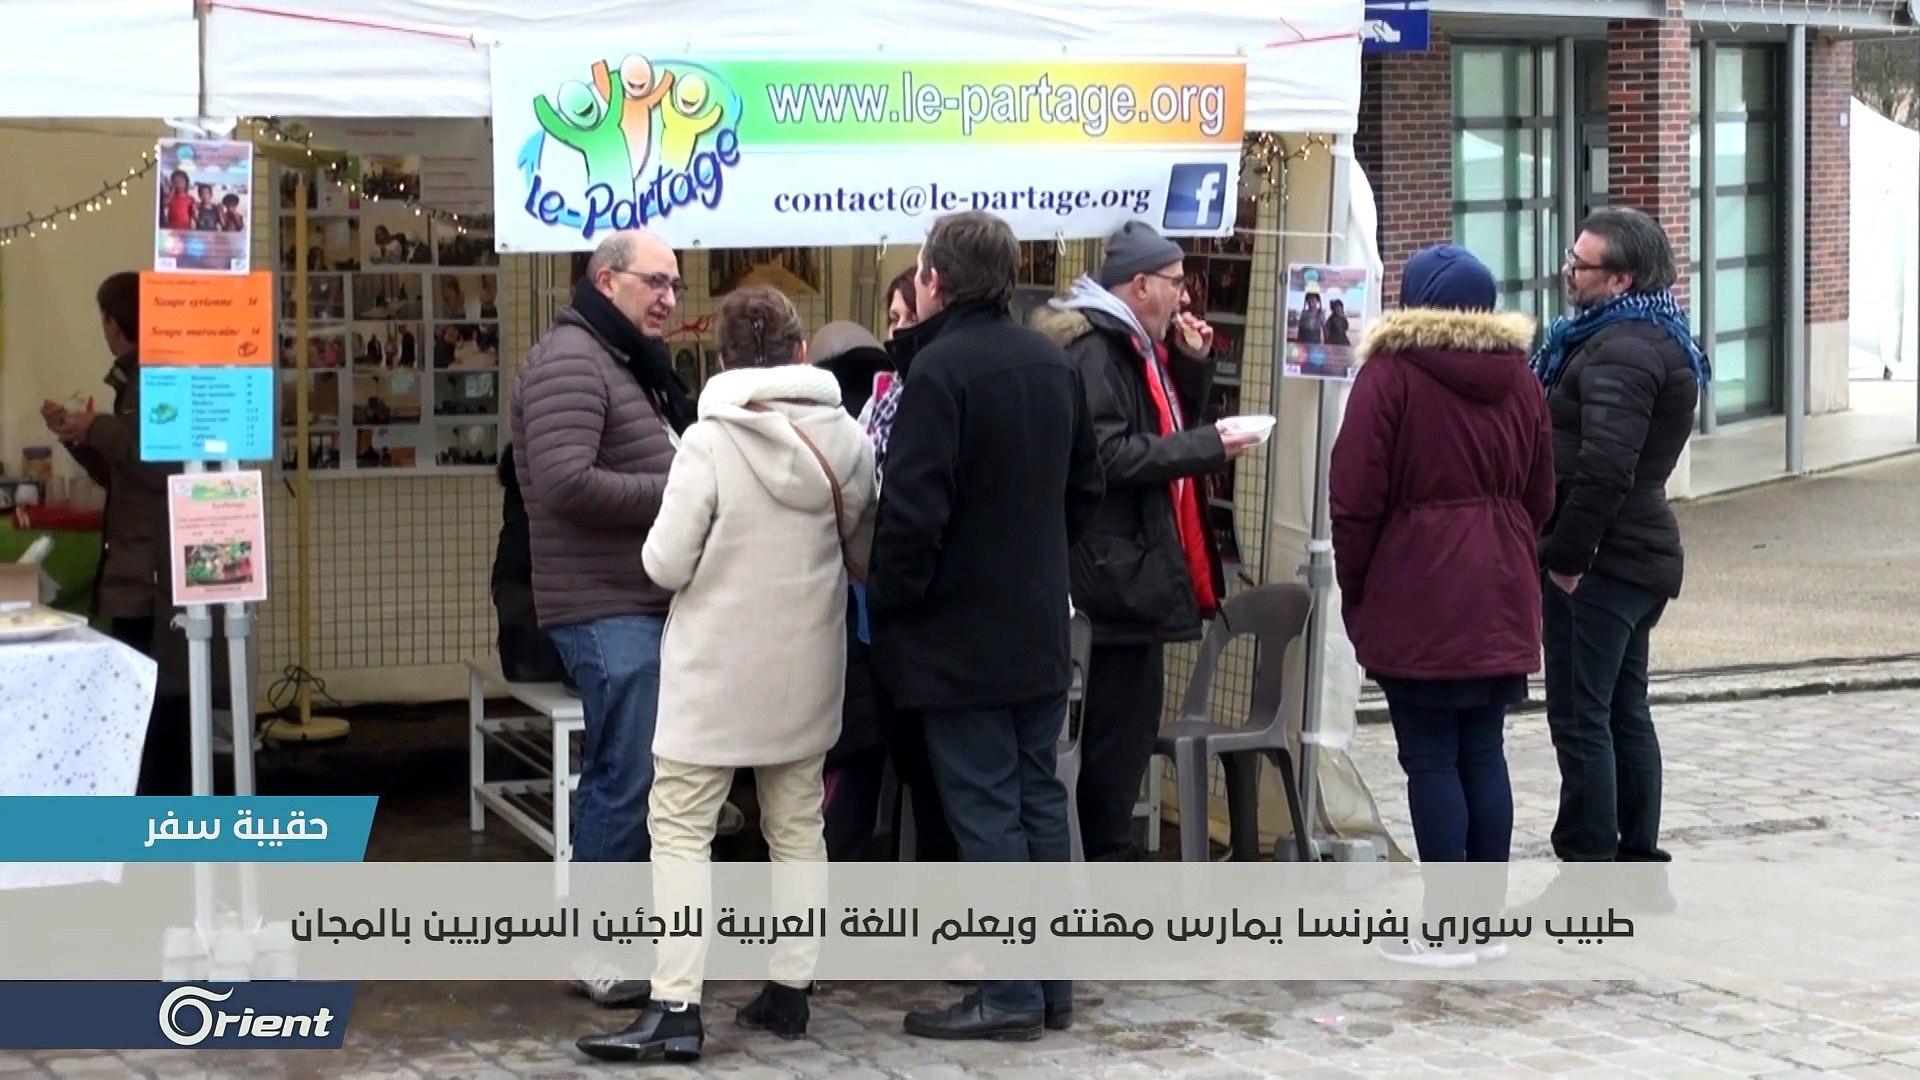 طبيب سوري بفرنسا يمارس مهنته ويعلم اللغة العربية للاجئين السوريين بالمجان  - حقيبة سفر